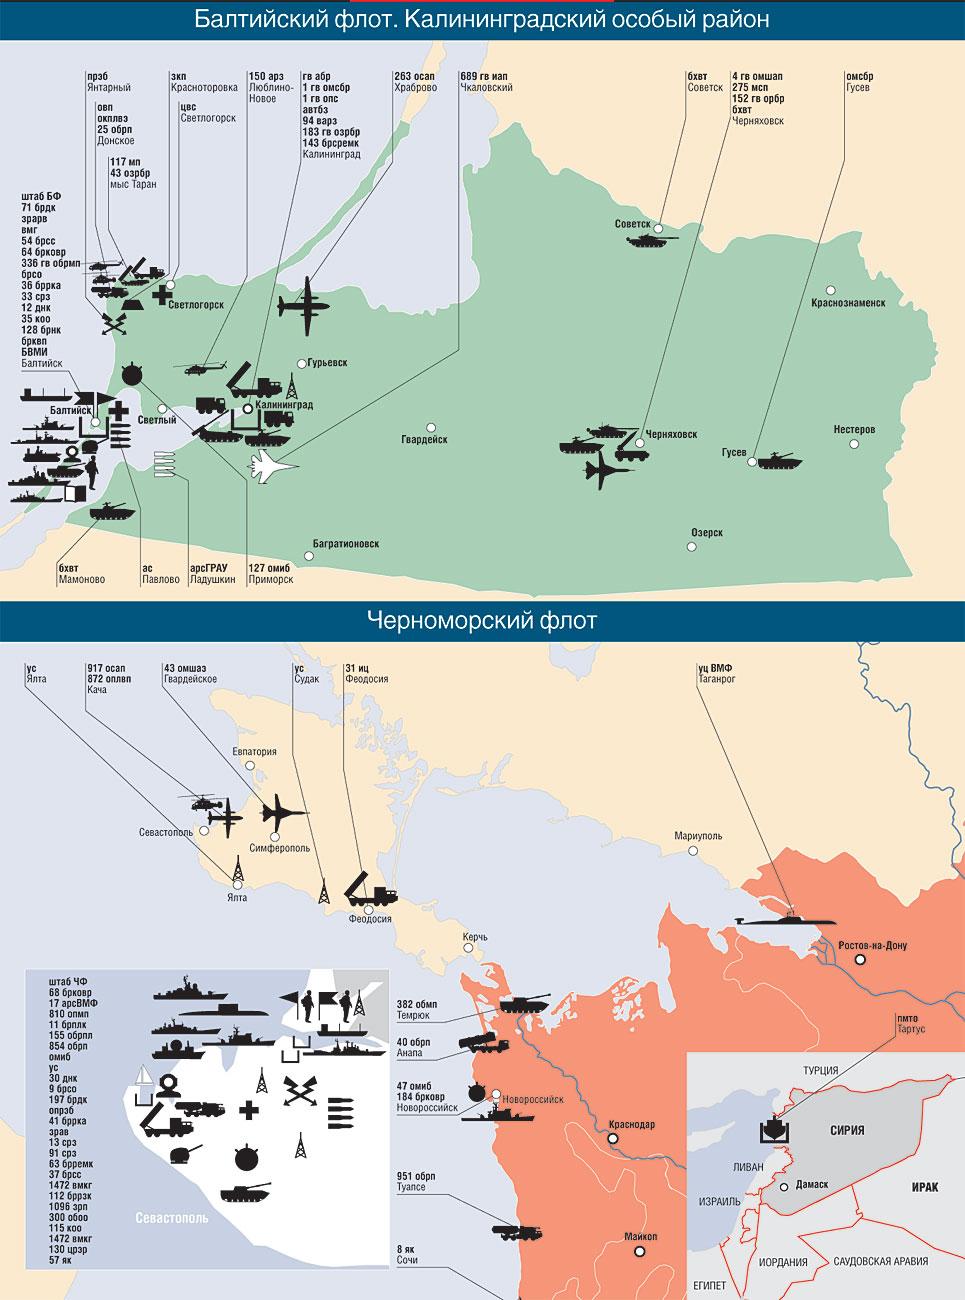 Балтийский флот калининградский